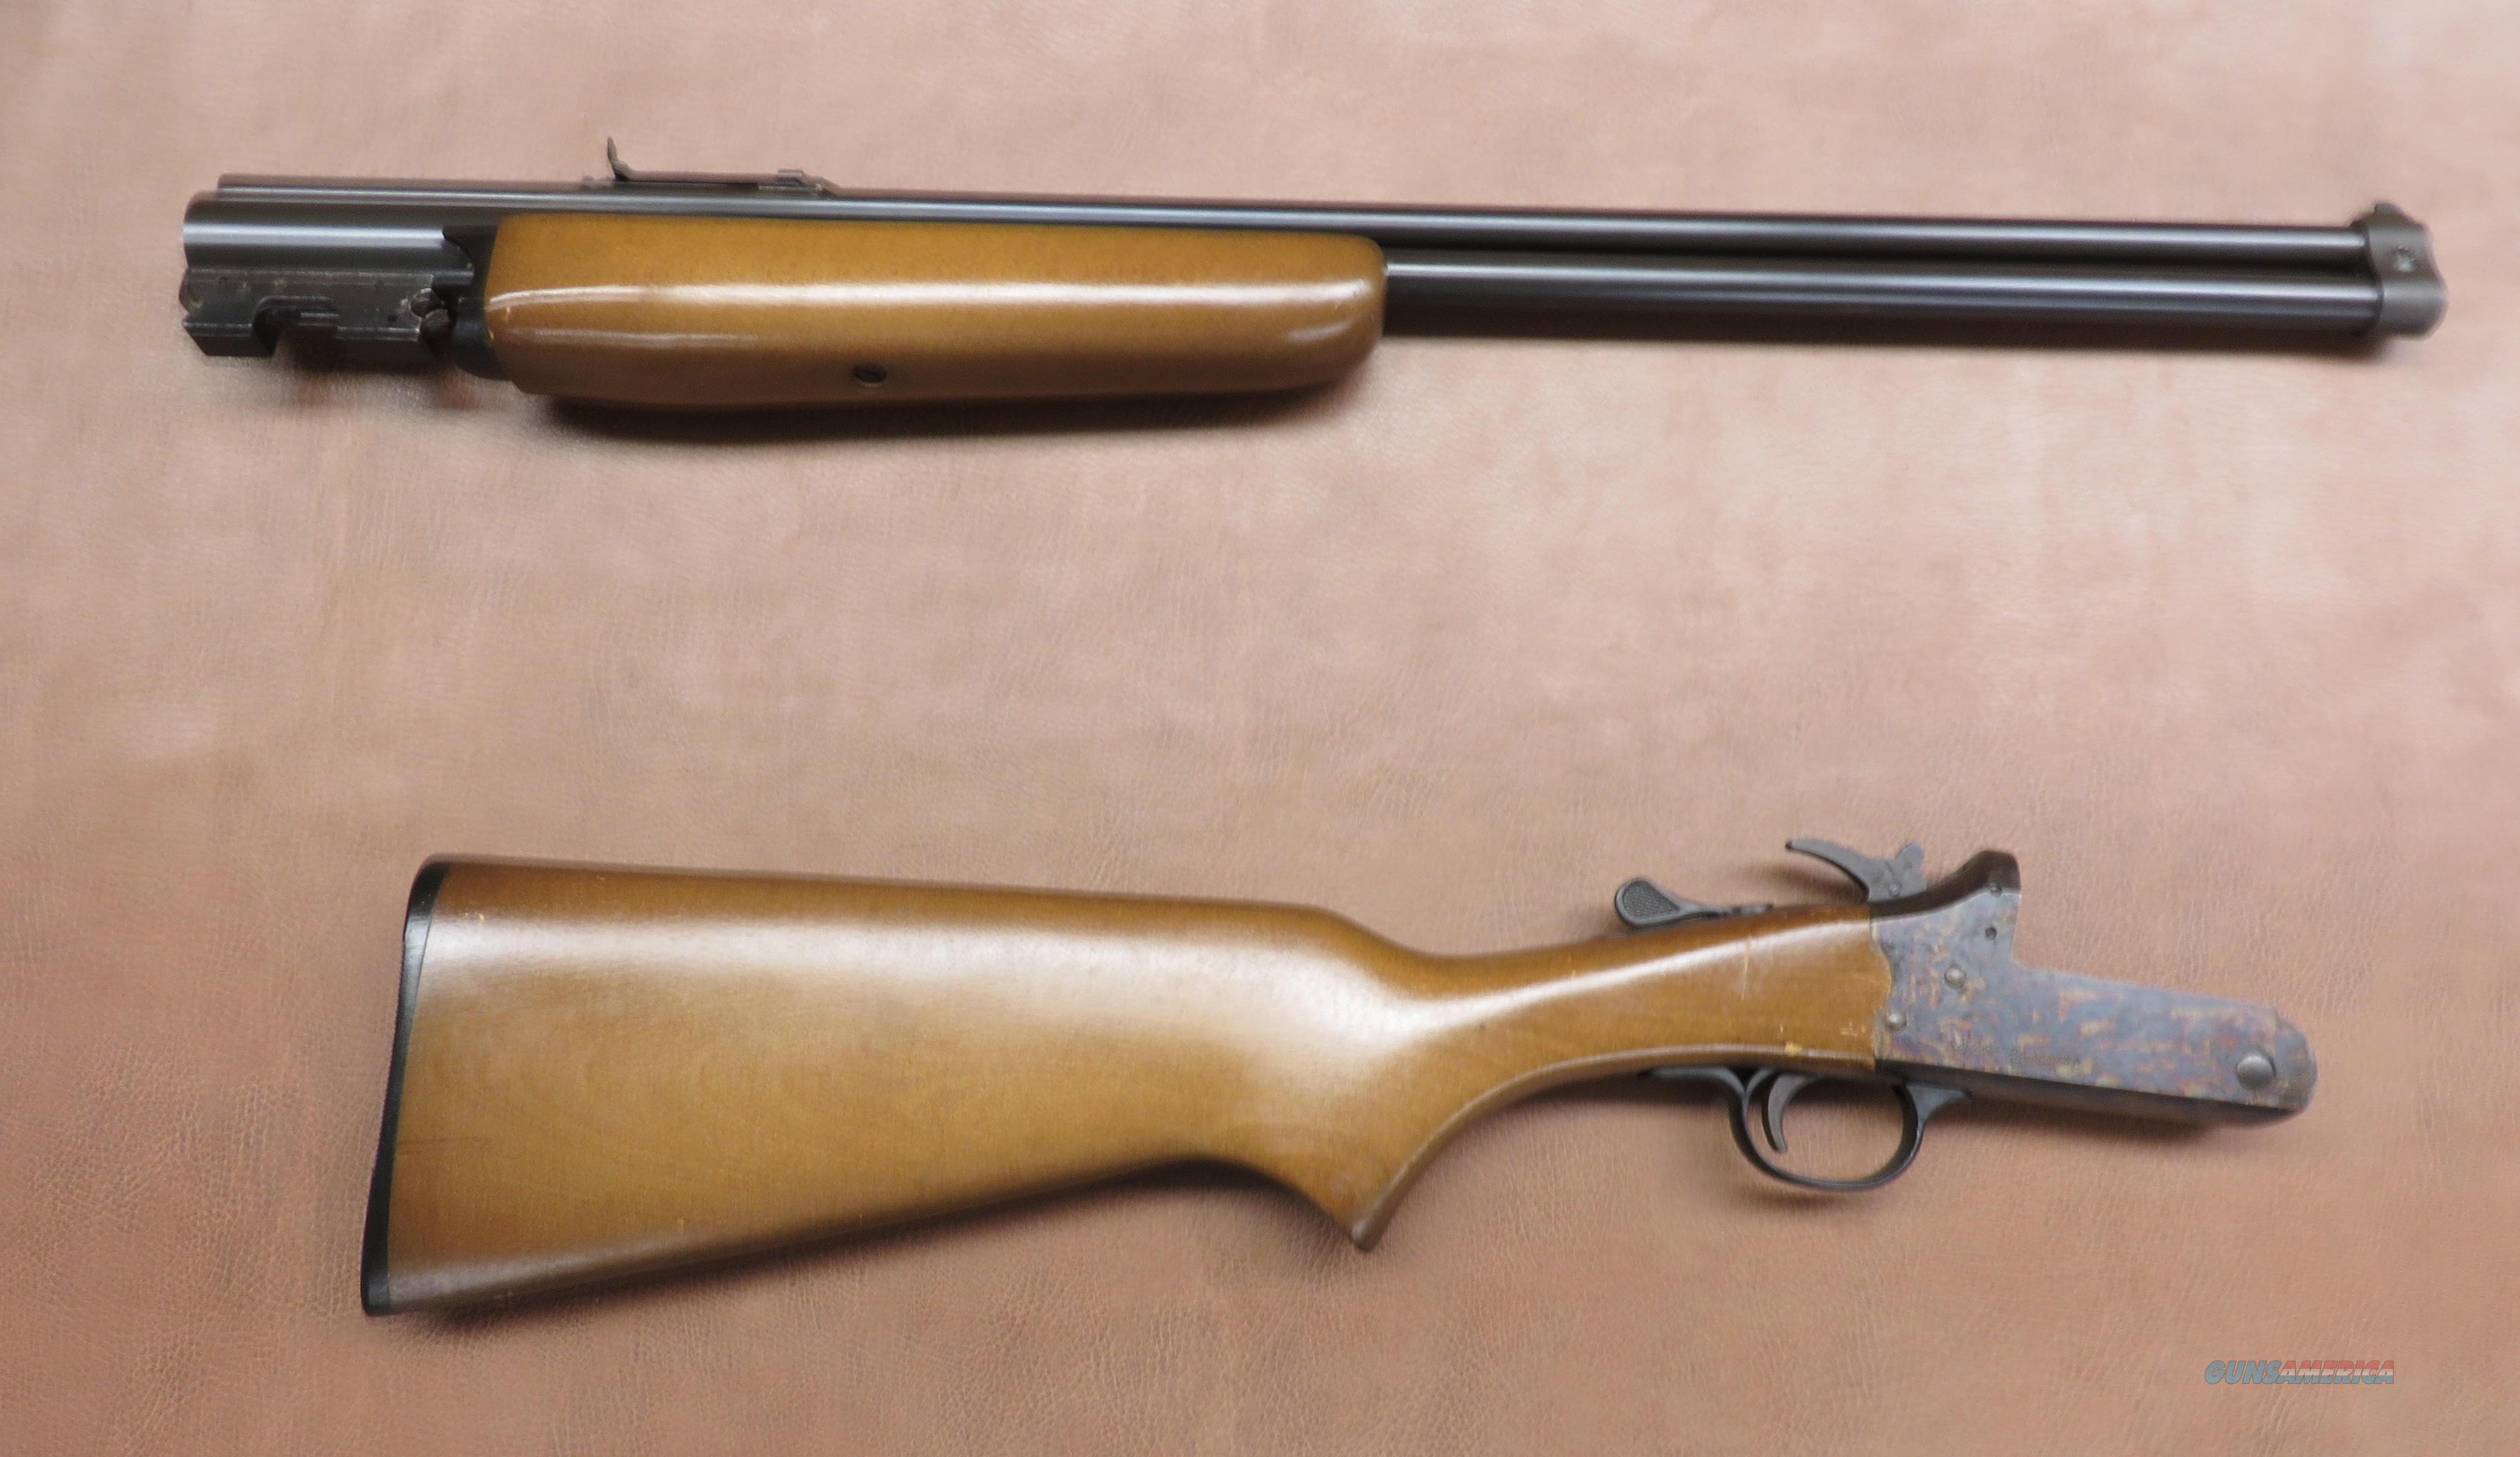 Savage Arms : Firearms : Model : Model 42 Takedown